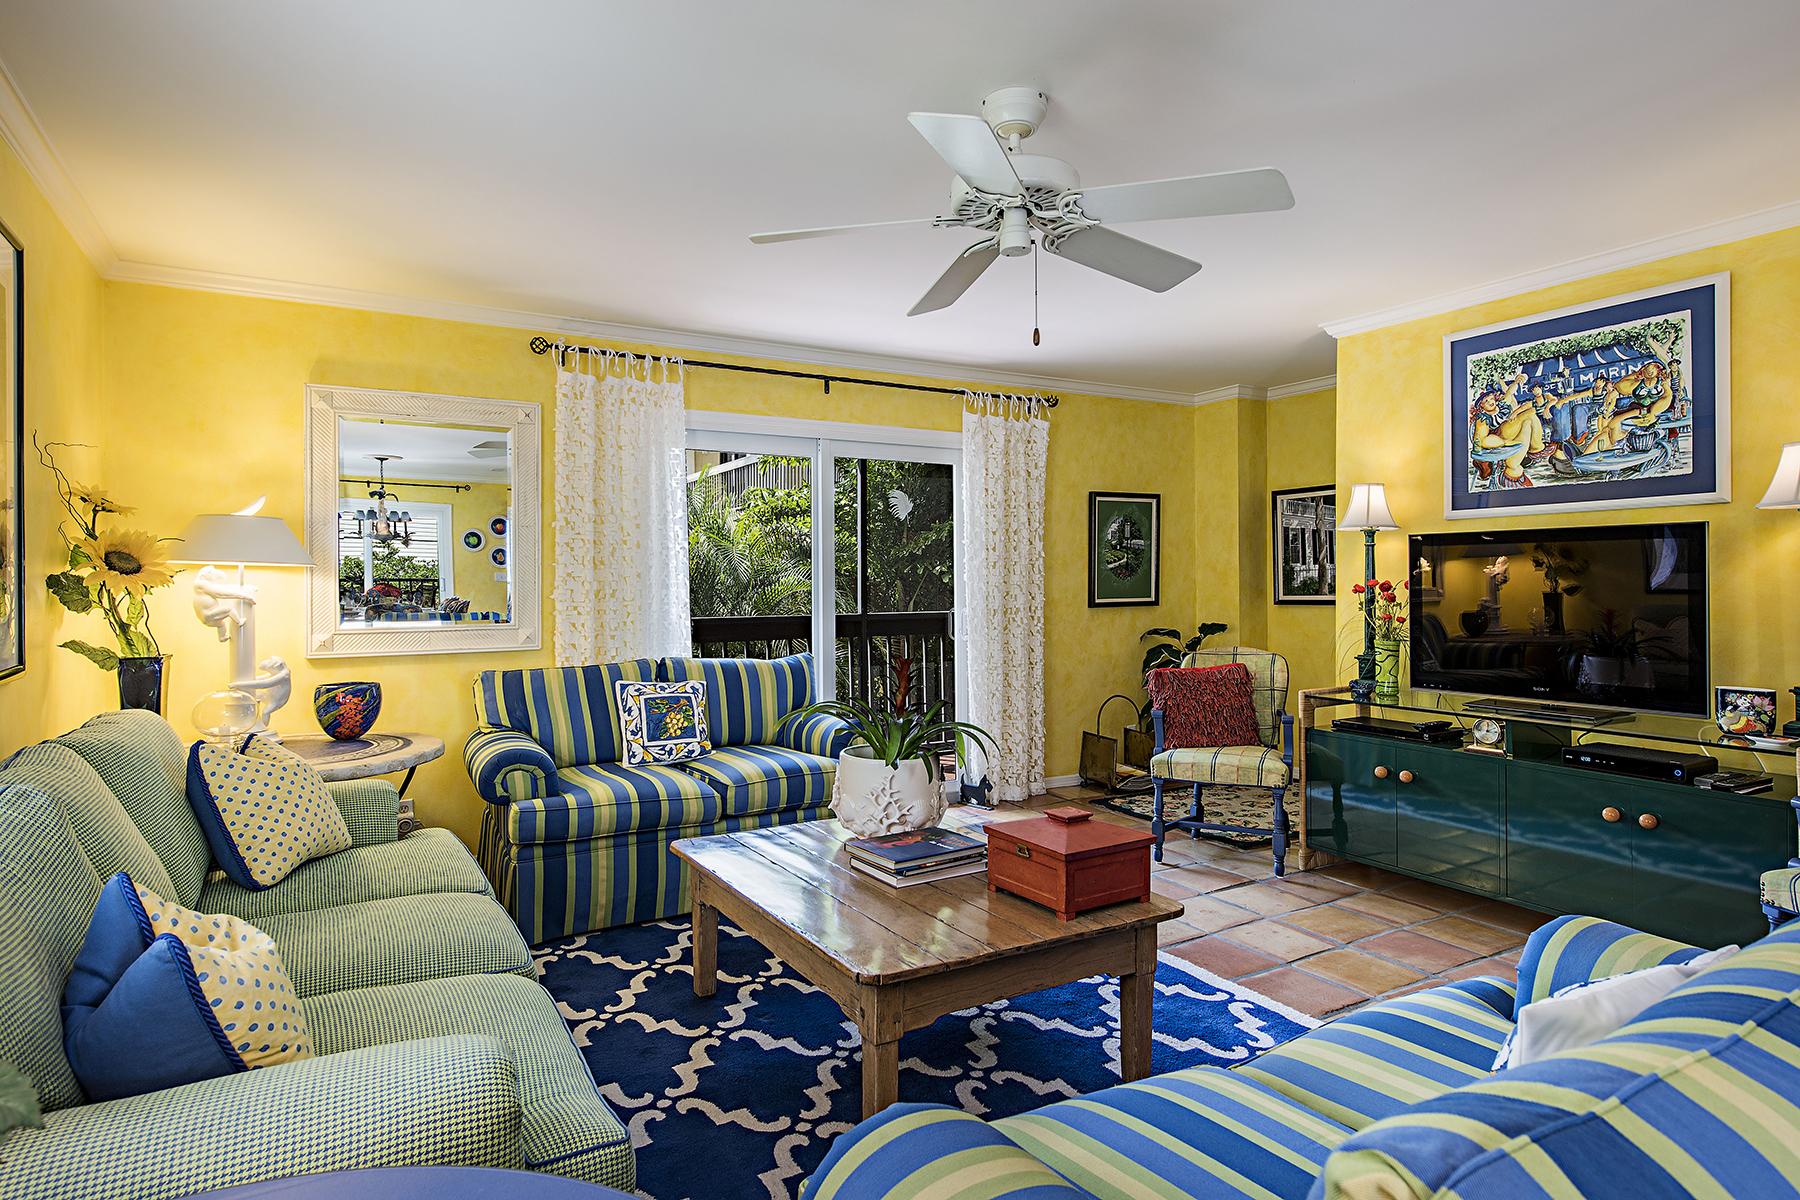 Nhà phố vì Bán tại OLD NAPLES - NAPLES MARINA VILLAS 995 9th Ave S 6 Naples, Florida, 34102 Hoa Kỳ